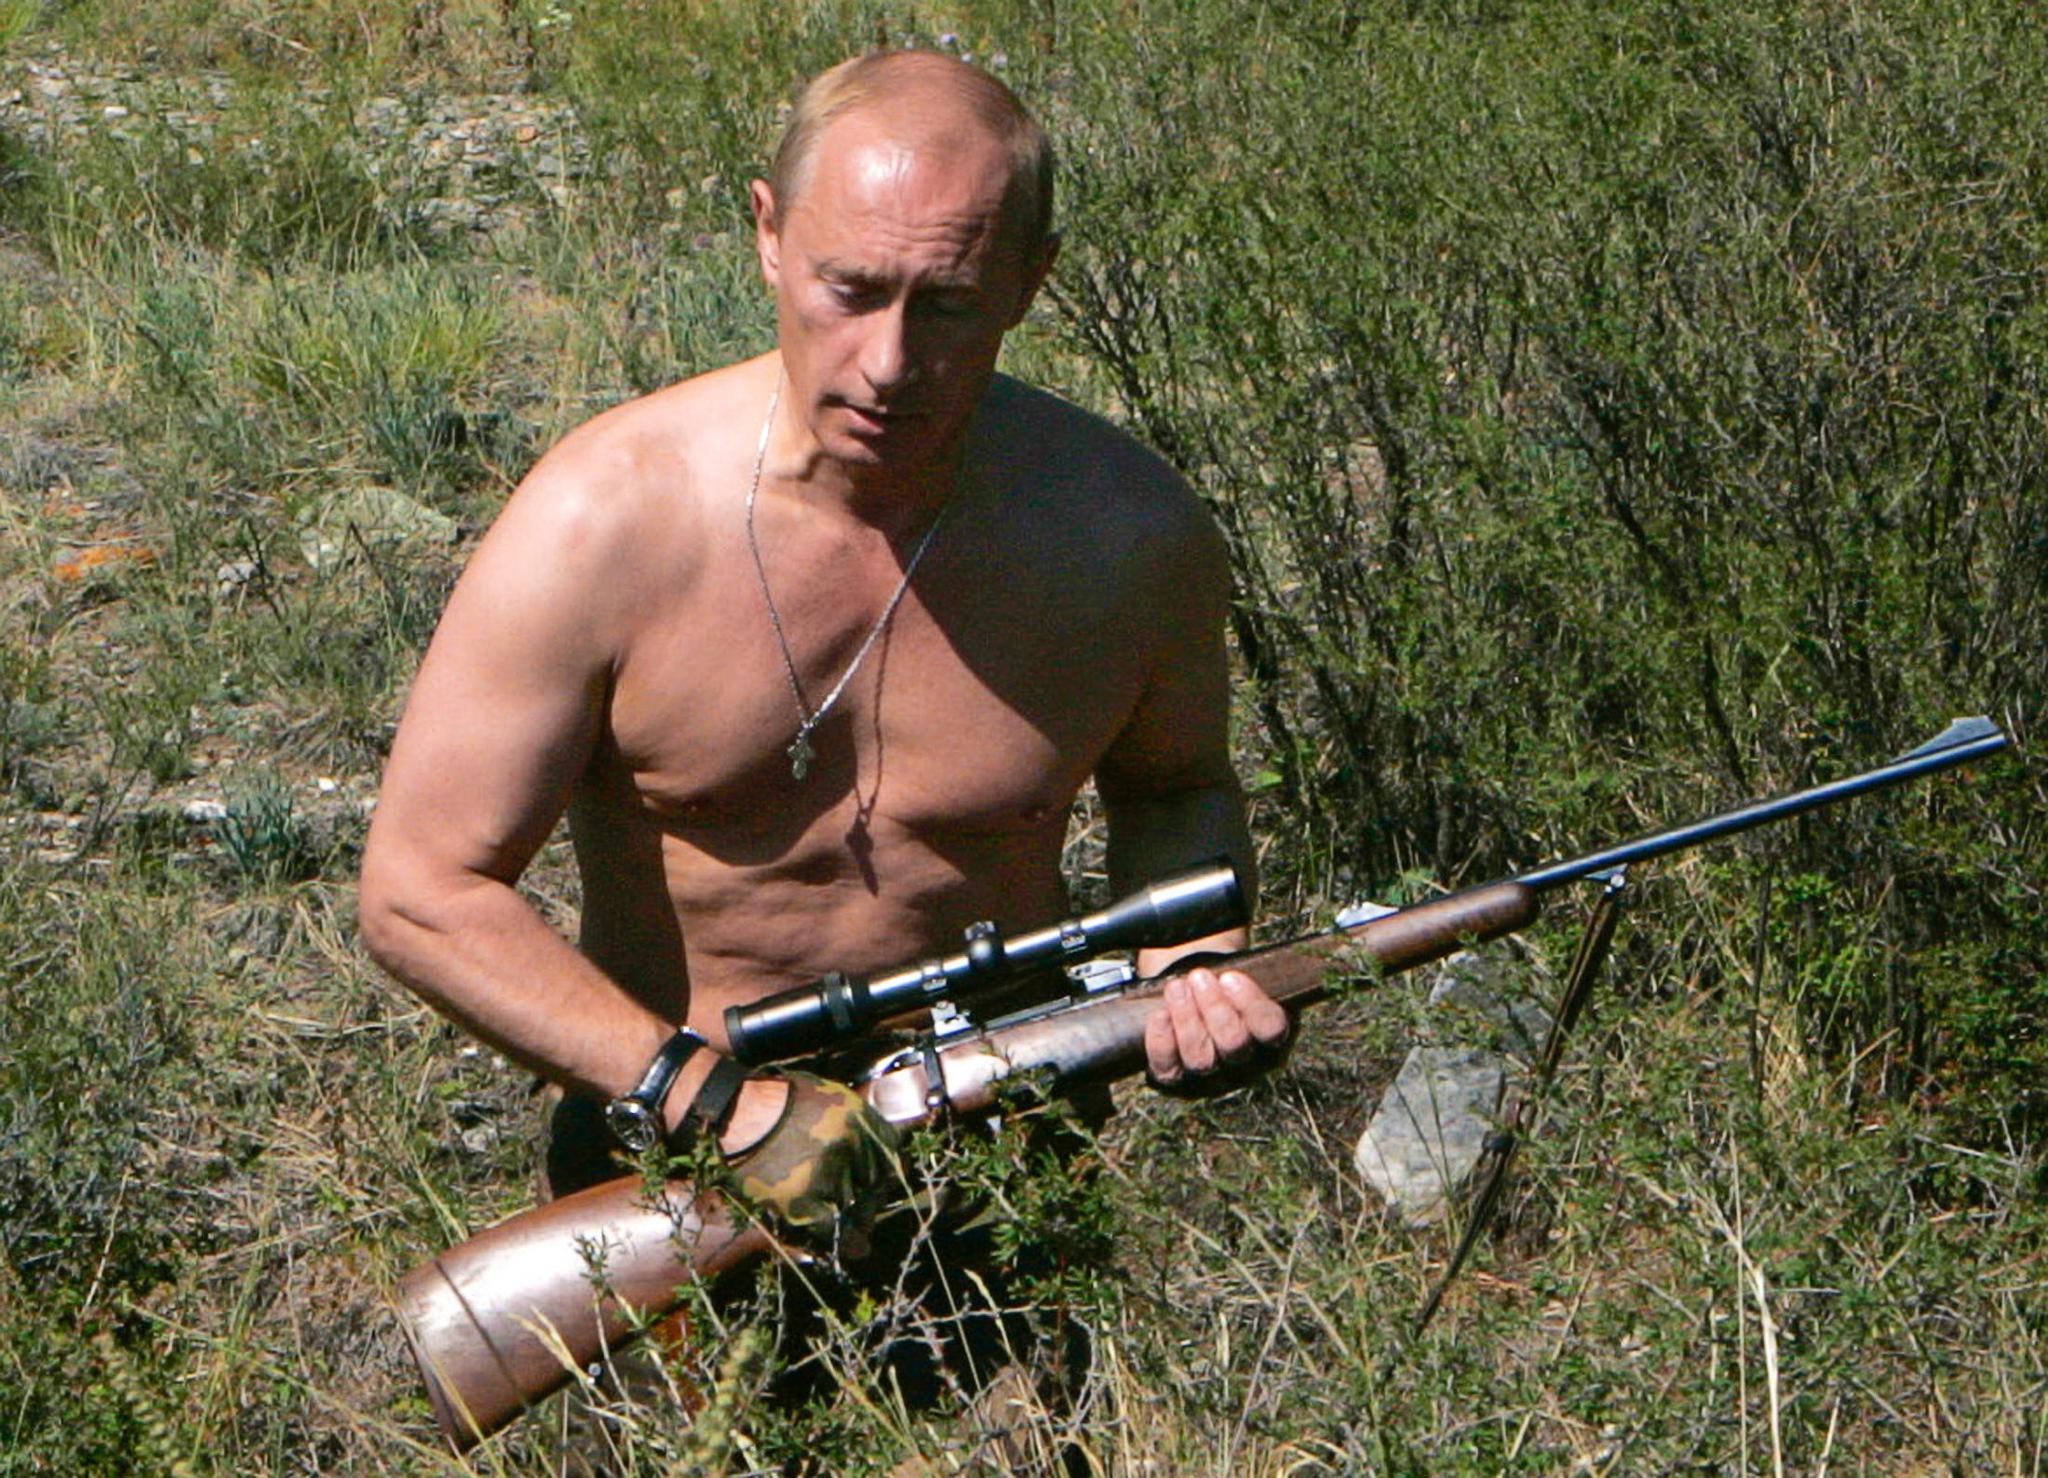 2007년 8월 15일, 근육질 상체를 드러낸 채 투바공화국 사냥터에서 휴가를 즐기는 푸틴. [AFP=연합뉴스]